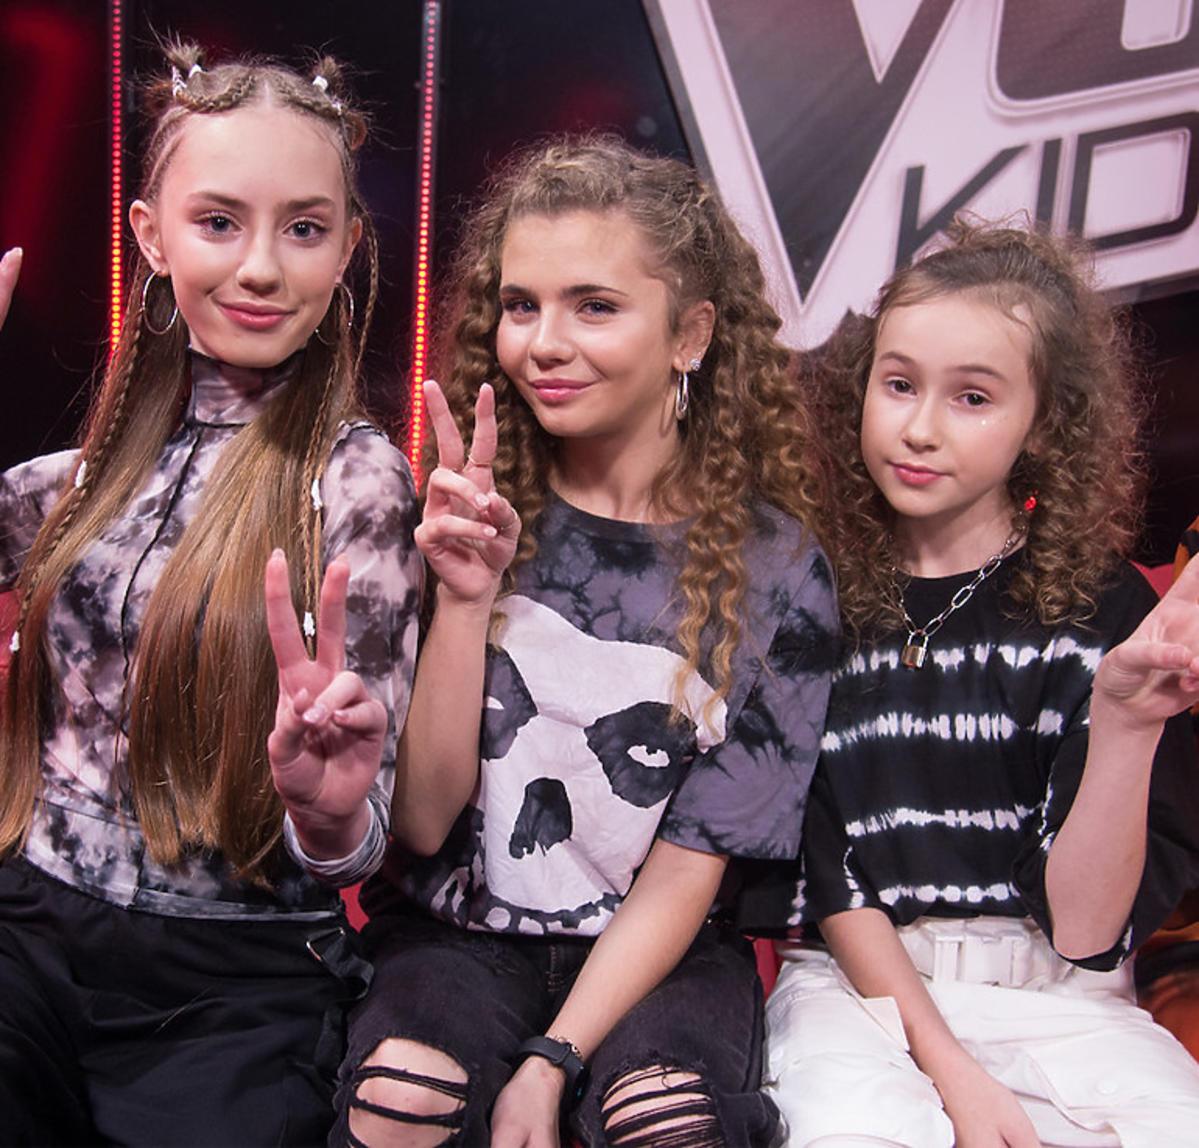 The Voice Kids 3 - finał Drużyna Tomsona i Barona: Hania Sztachańska, Ewelina Kozub, Ola Gwazdacz